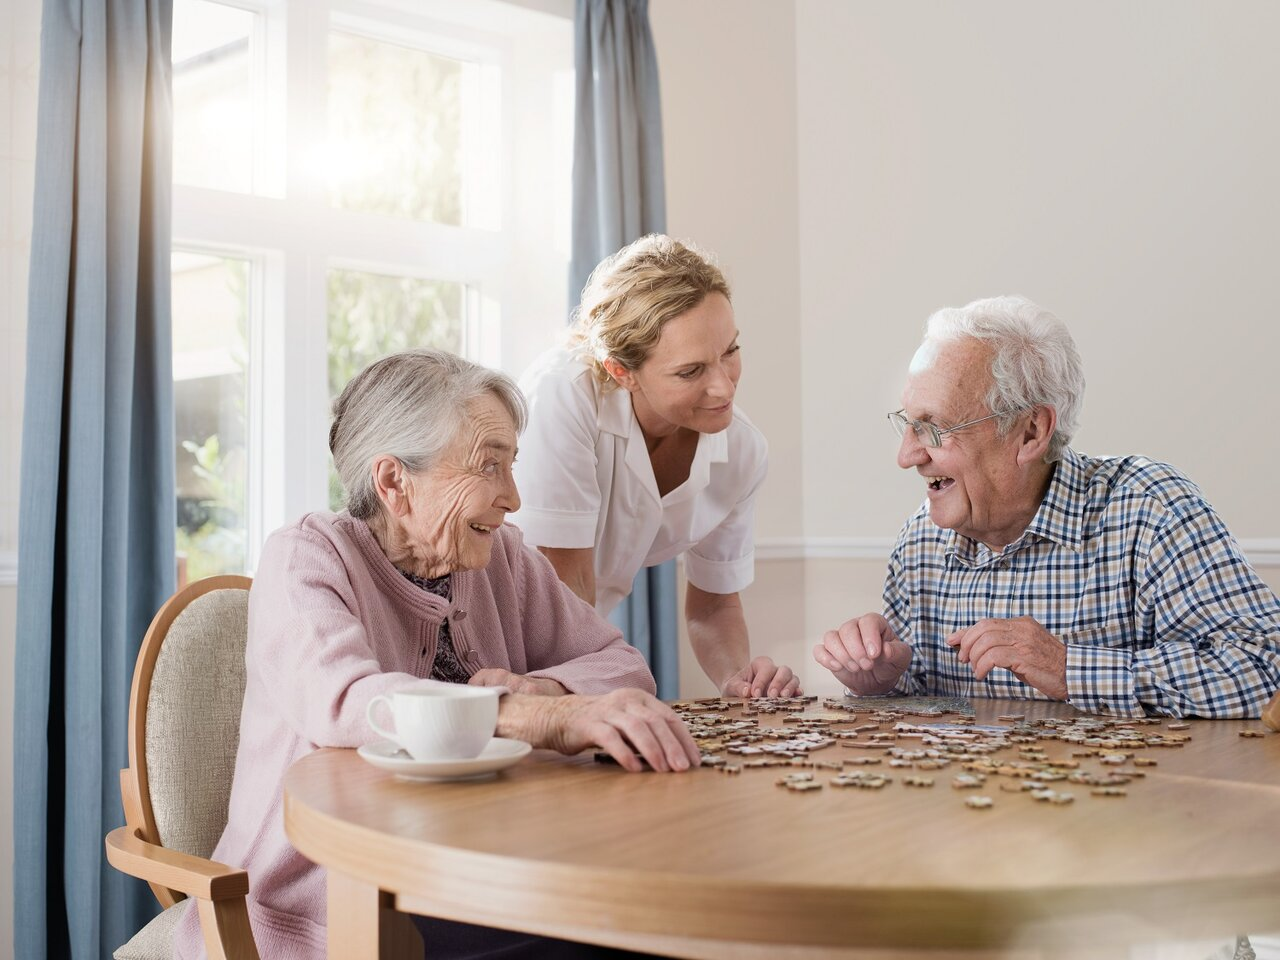 高齢者施設での排せつケアの実態調査③ 高齢者施設で実際に取組まれているケアの内容